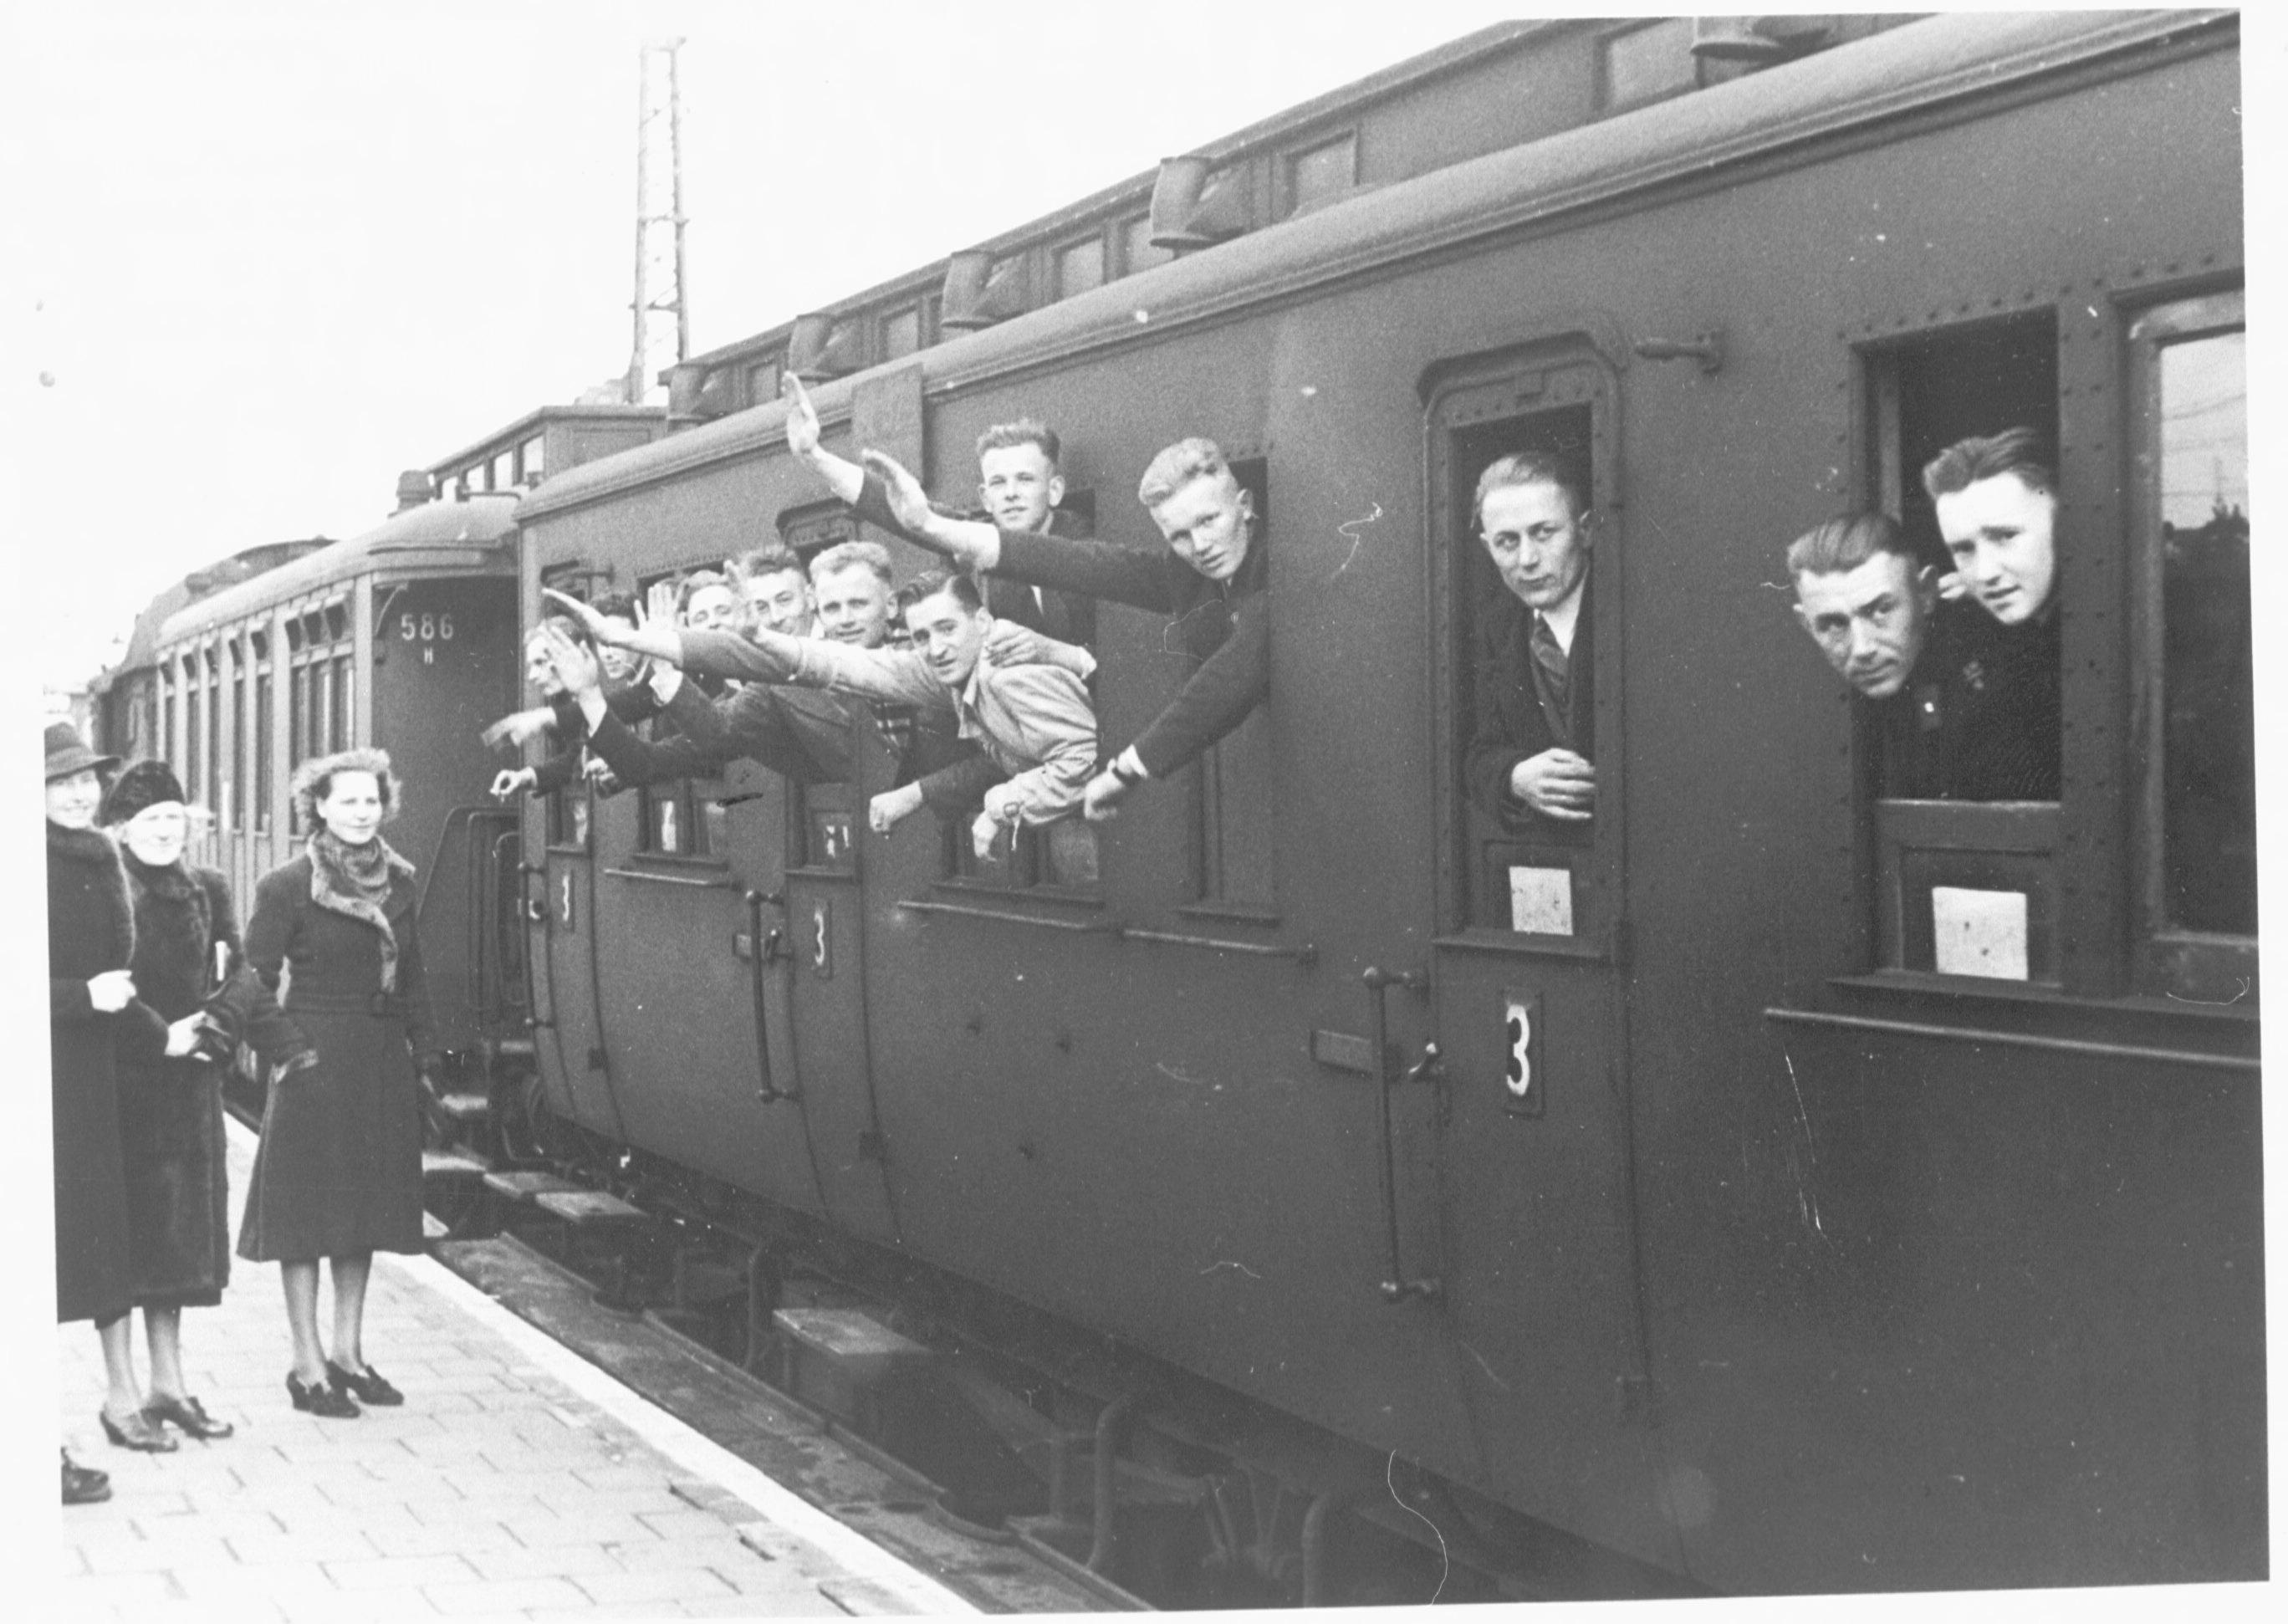 Vertrek van vrijwilligers van SS-Standarte Westland naar hun opleiding in München op 28 februari 1941.